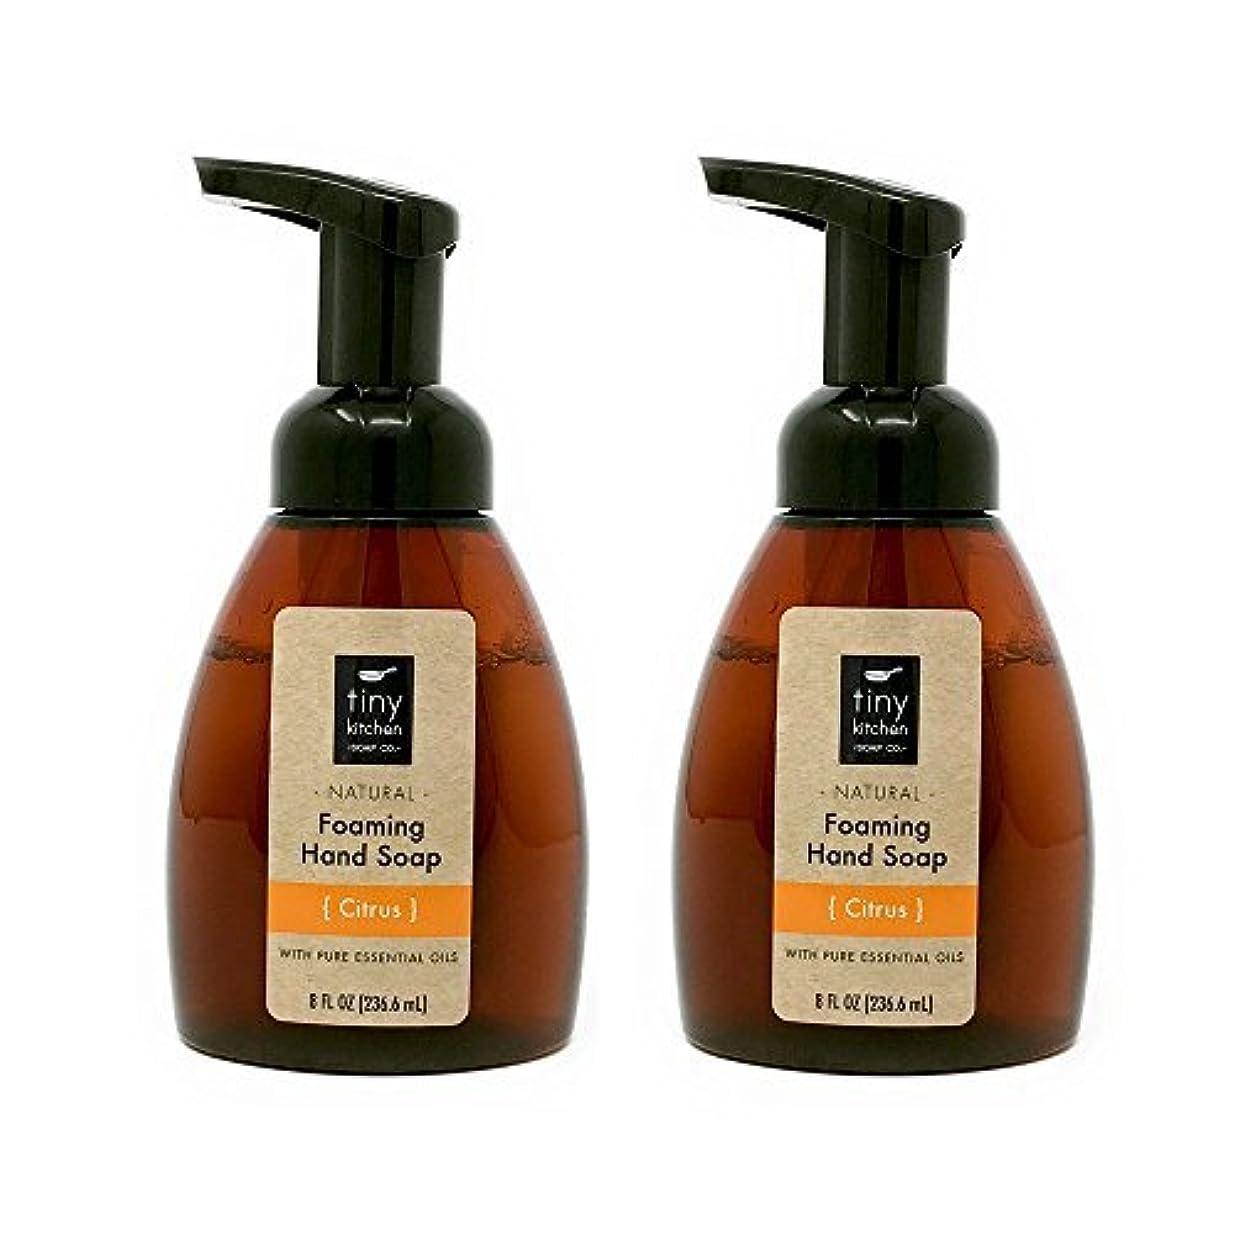 不良品溶接対話Citrus Foaming Hand Soap (2 Pack) Handmade with Organic Essential and Base Oils [並行輸入品]